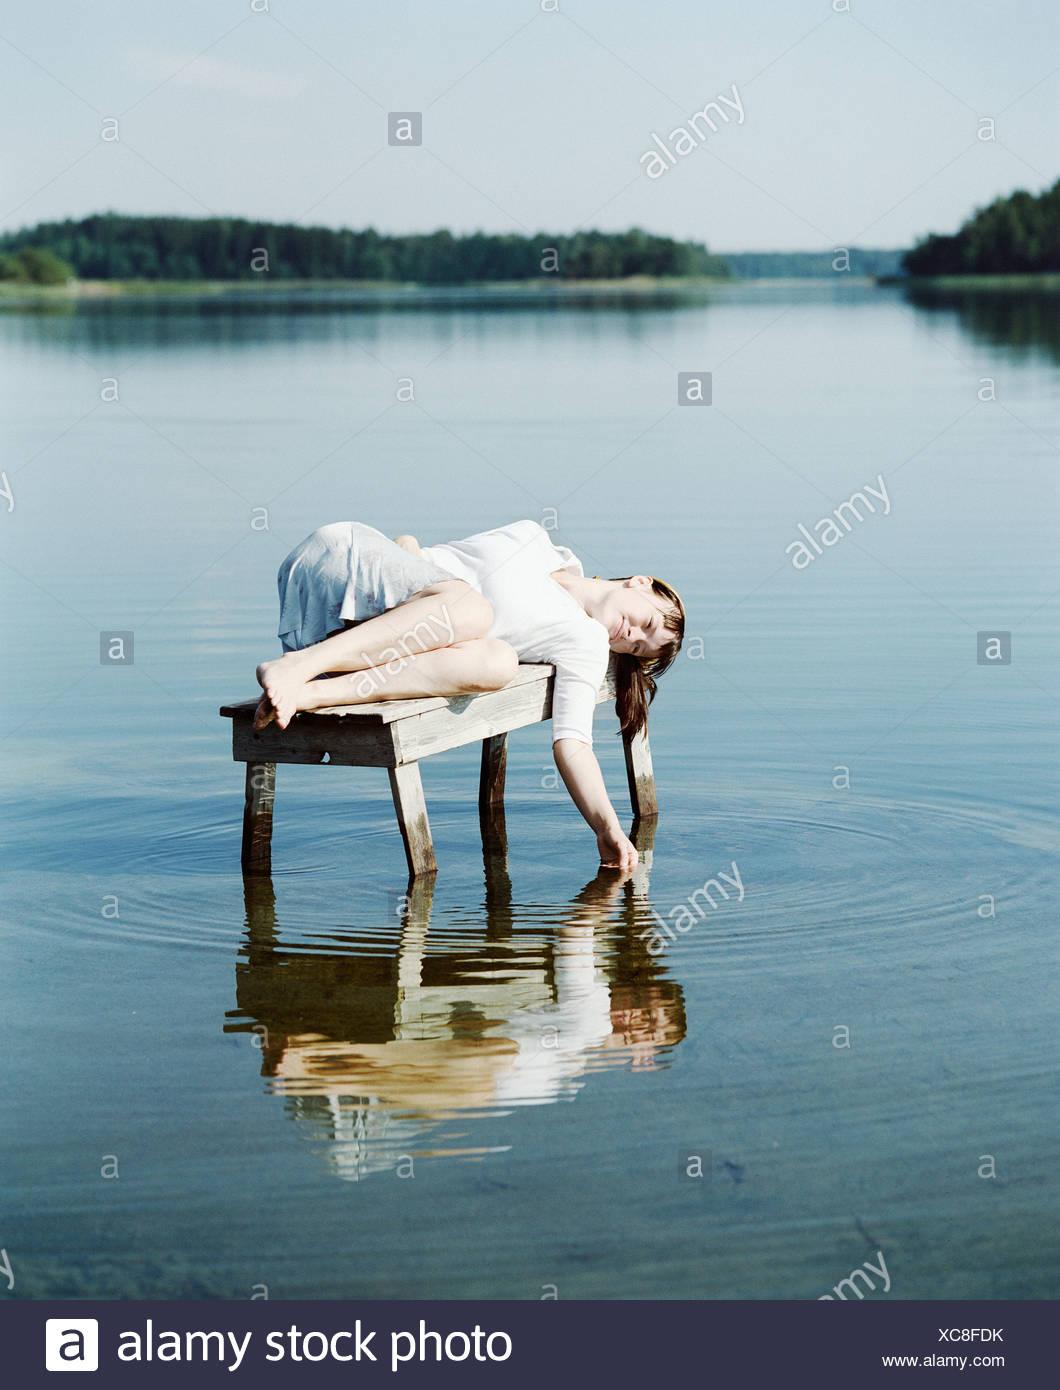 Junge Frau auf einer Bank in einem See Finnland liegend Stockbild